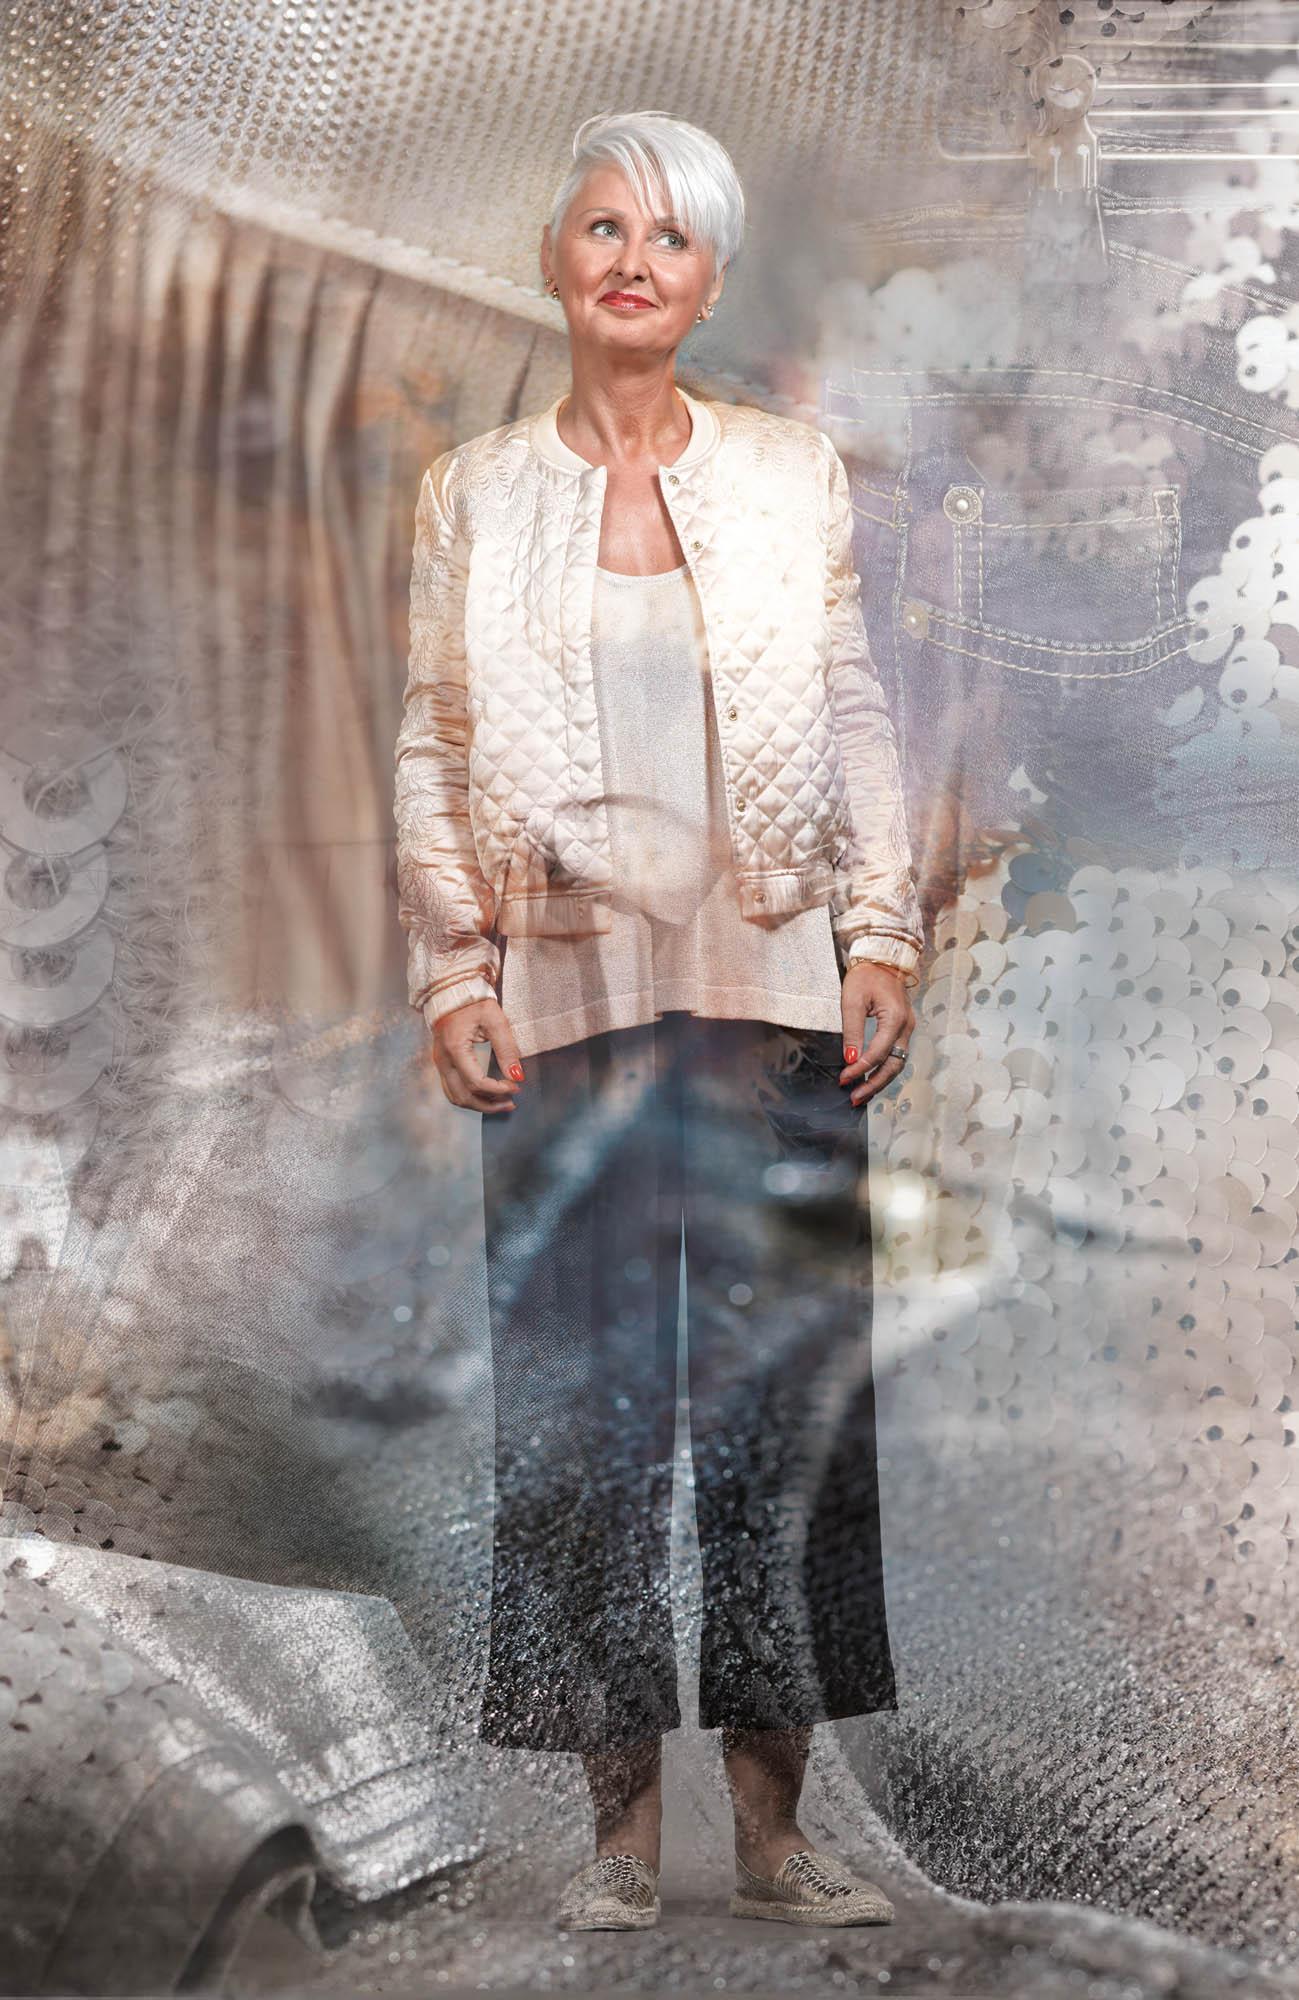 Oberpaur 6 - Modehaus Oberpaur: Mitarbeiterkampagne »Menschen die anziehen«